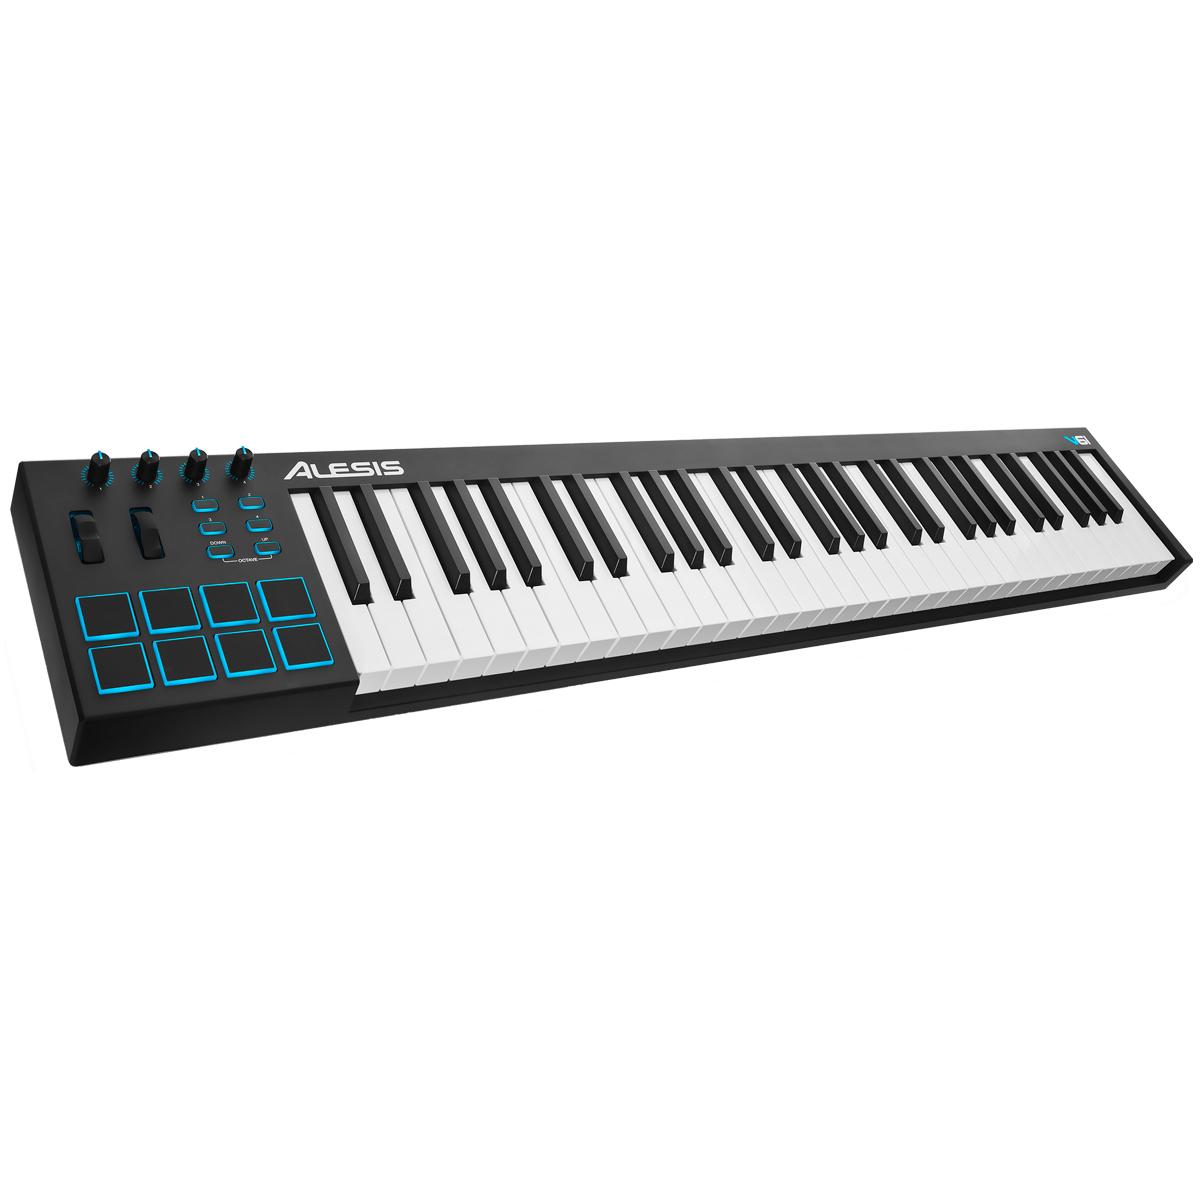 Teclado Controlador MIDI 61 Teclas c/ USB - V 61 Alesis